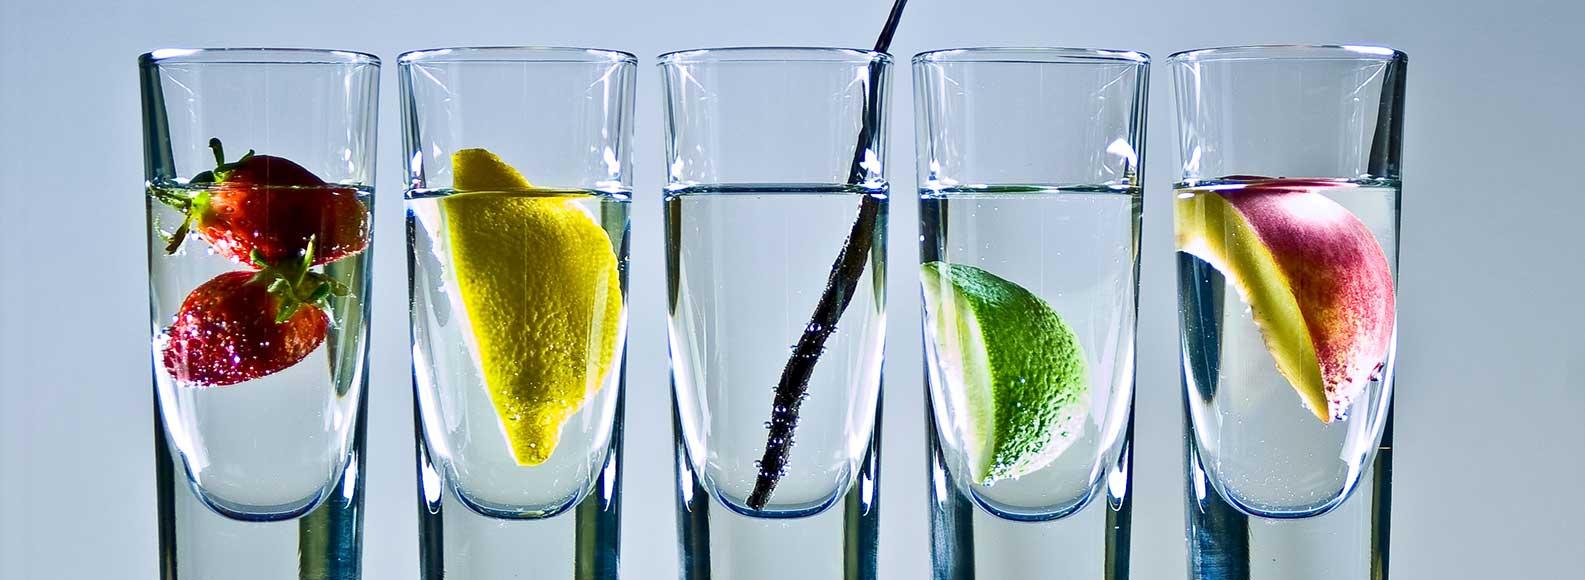 vodka-tasting-large.jpg